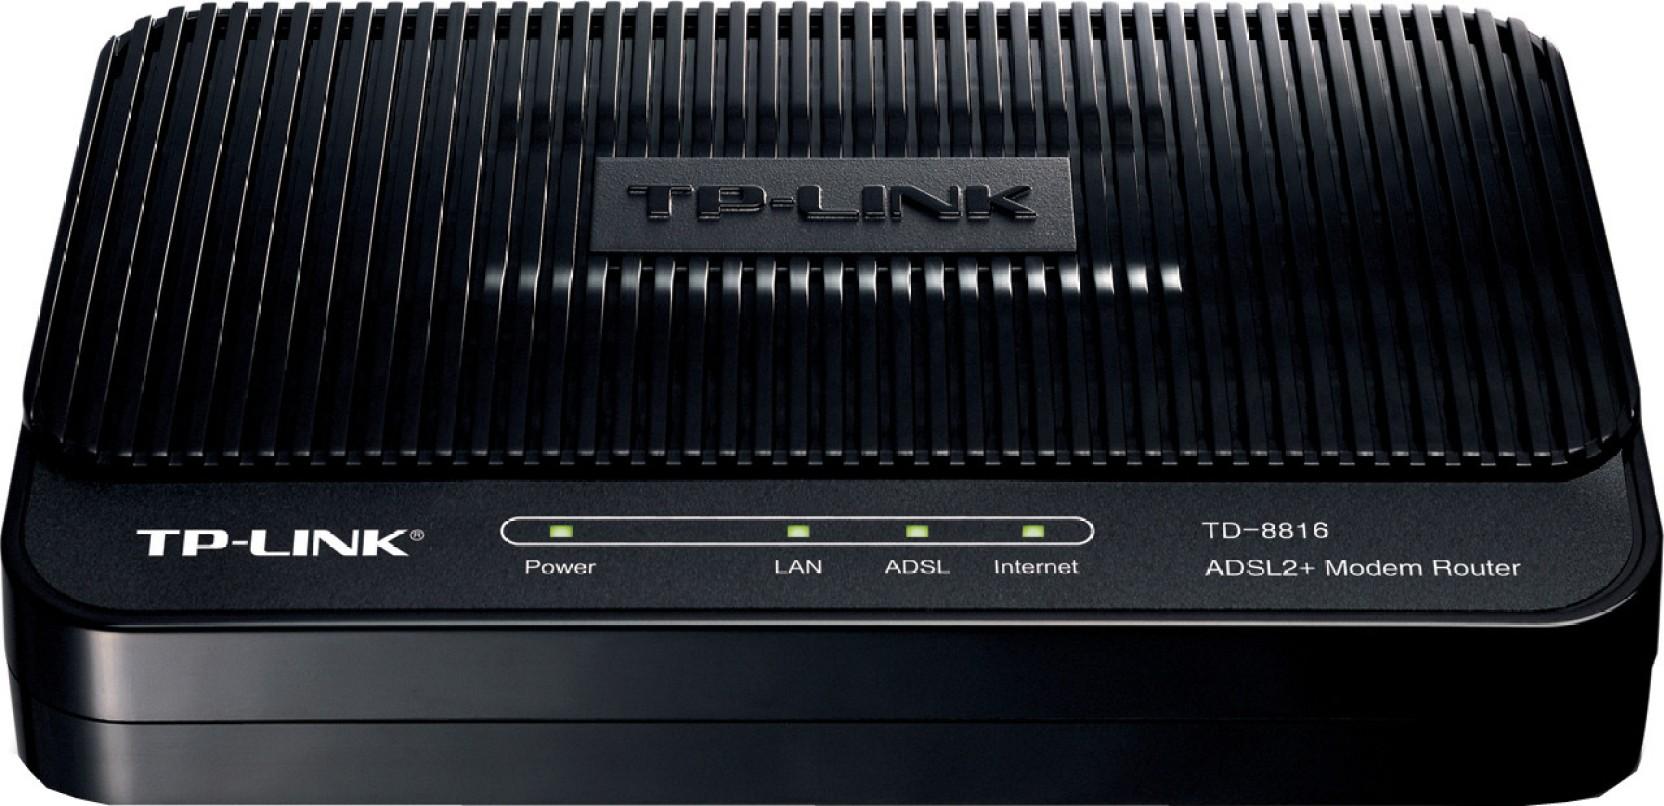 TP-LINK TD-8816 ADSL2 Wired with Modem Router - TP-Link : Flipkart.com